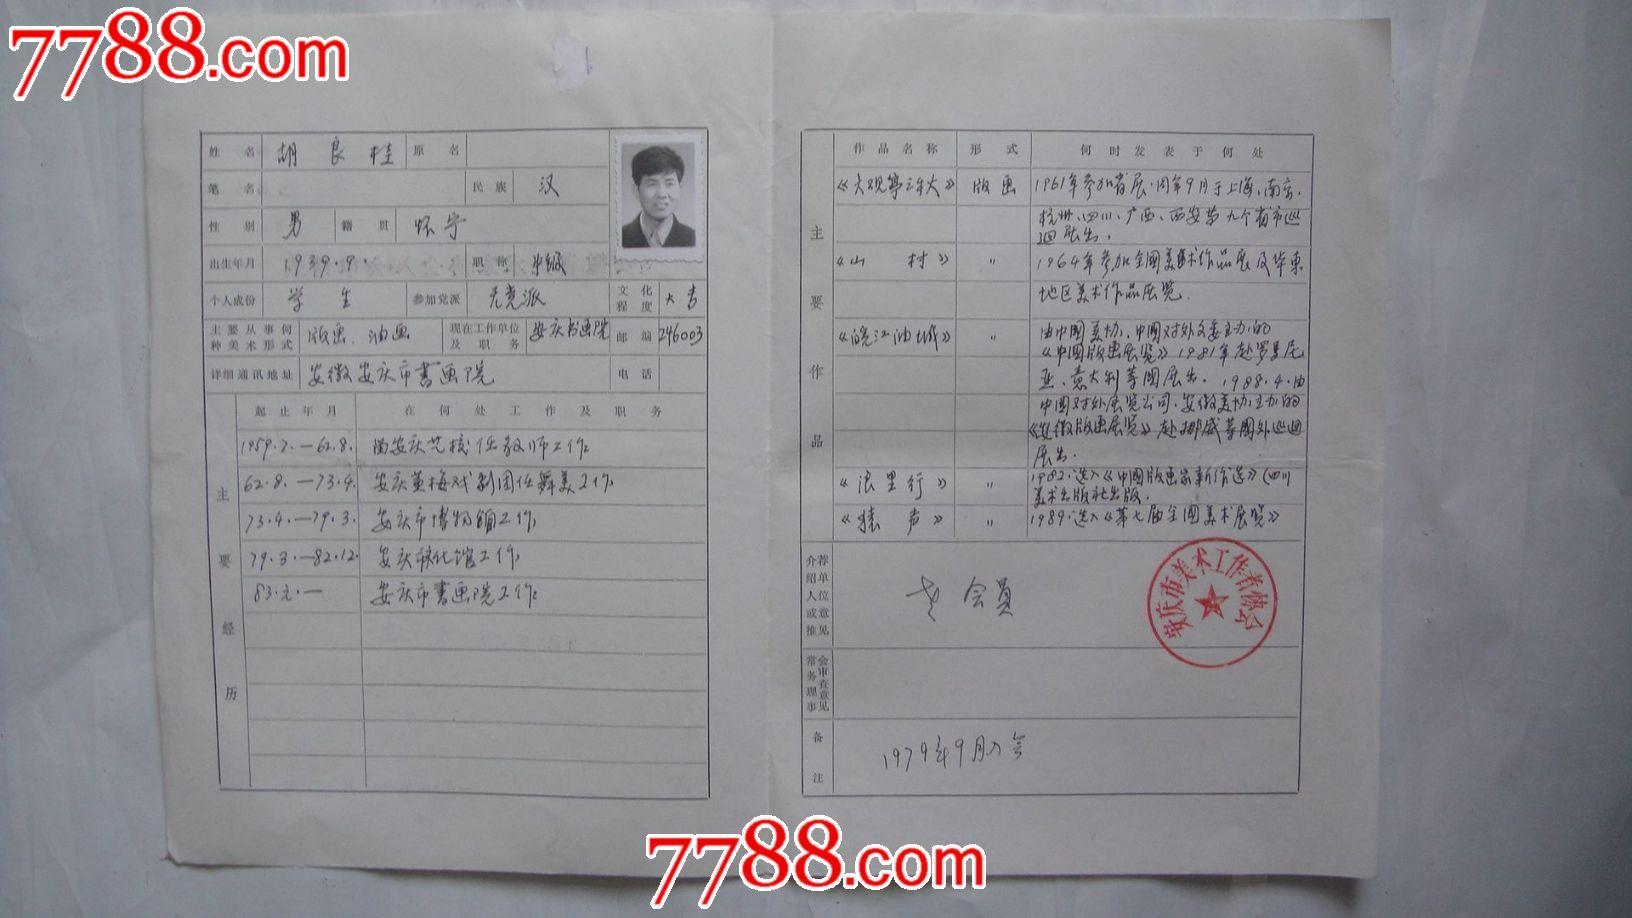 安徽省美术家协会入会申请表(胡良桂)图片